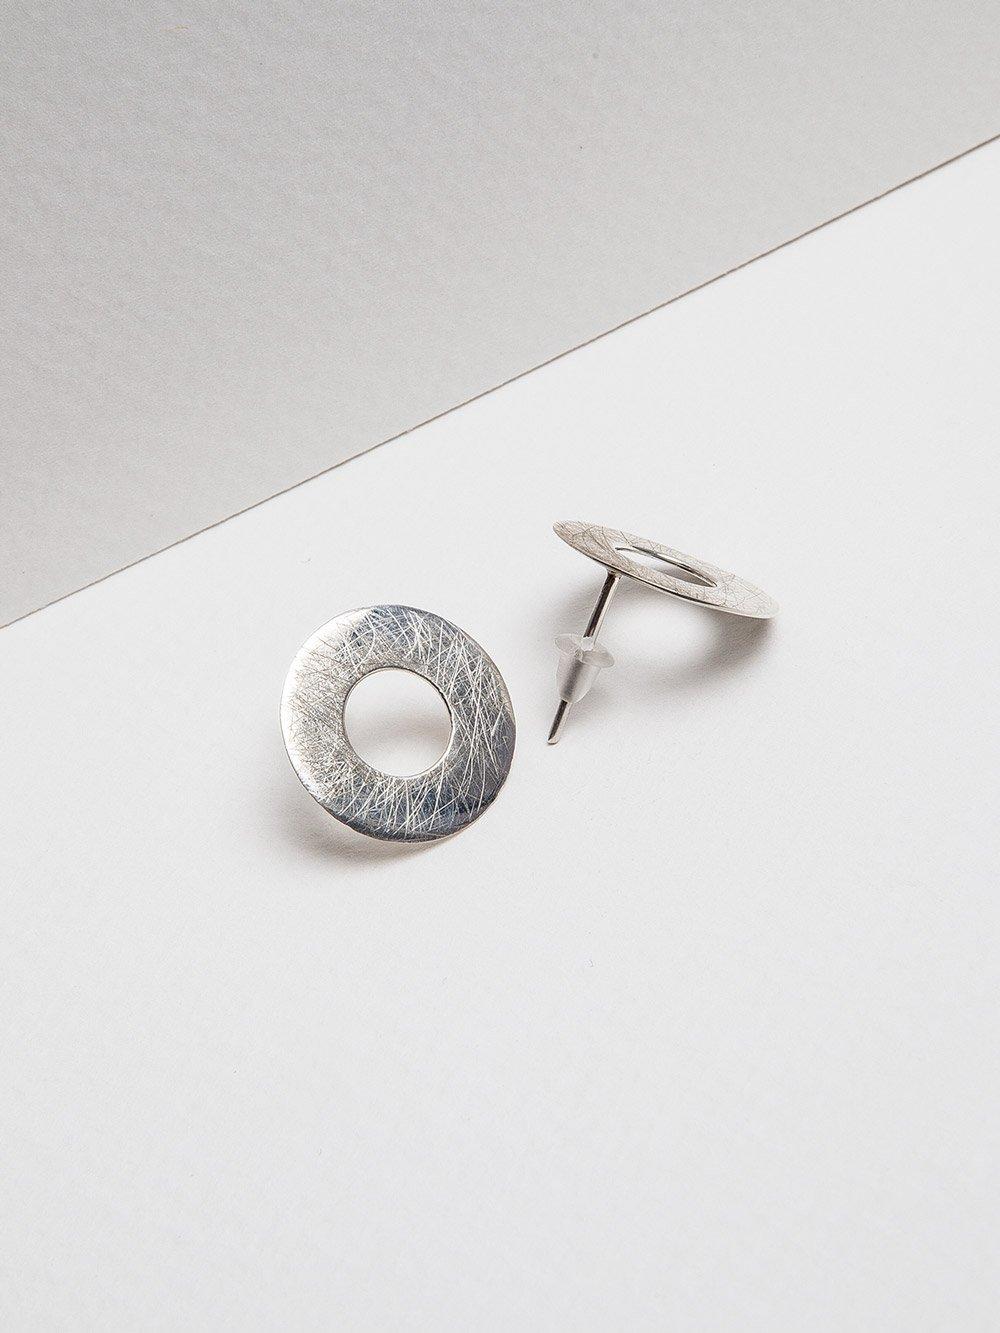 Image of Ruote orecchini in argento satinato